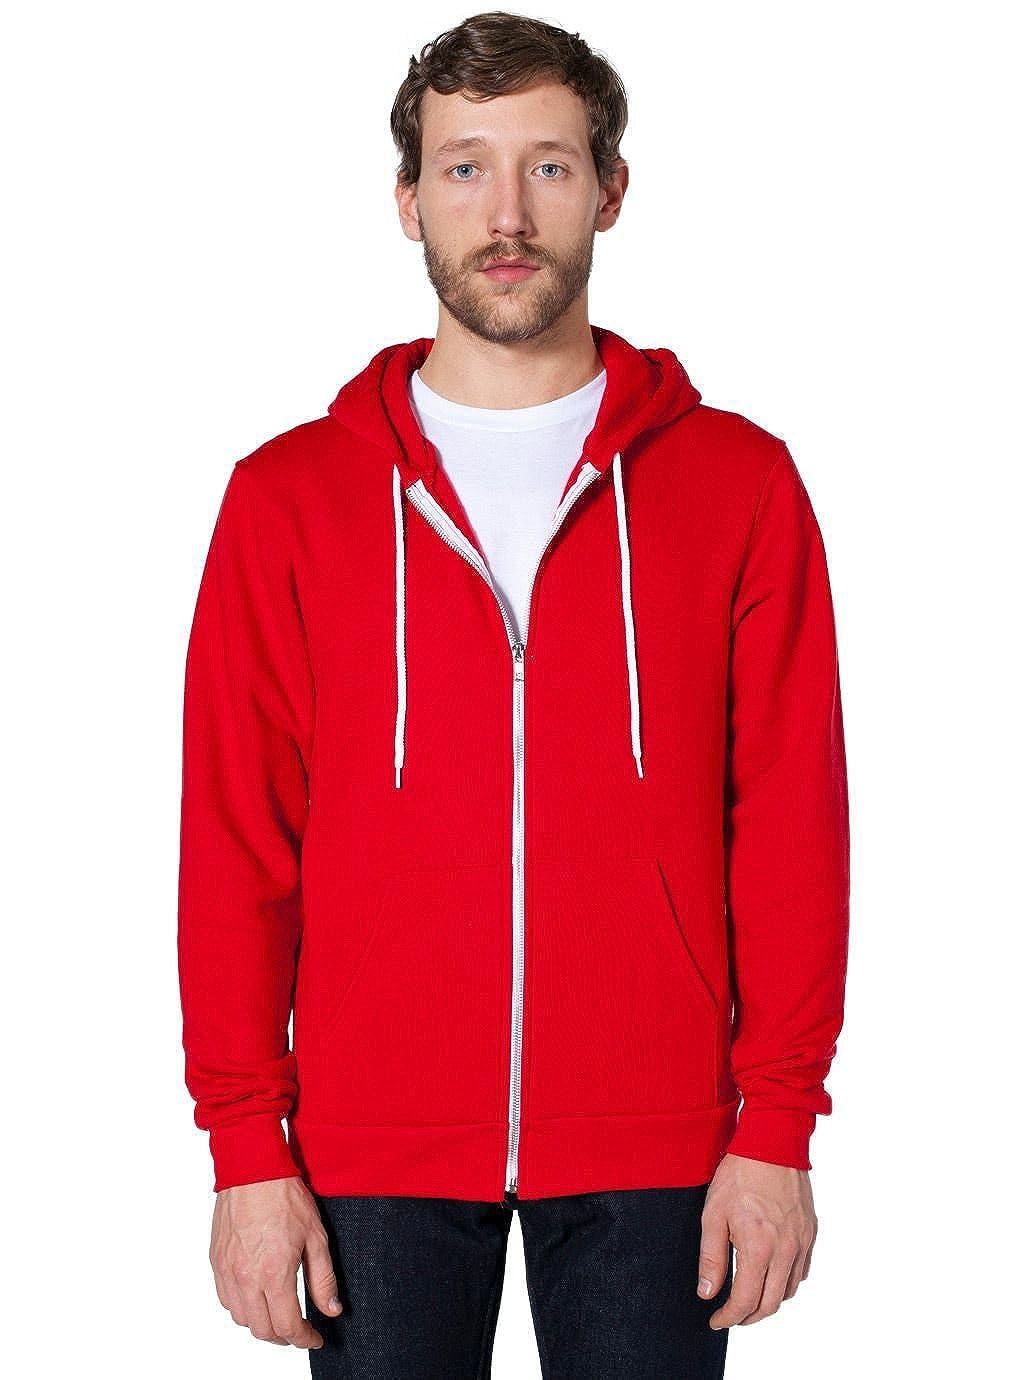 American Apparel Flex Fleece Zip Hoodie-Red